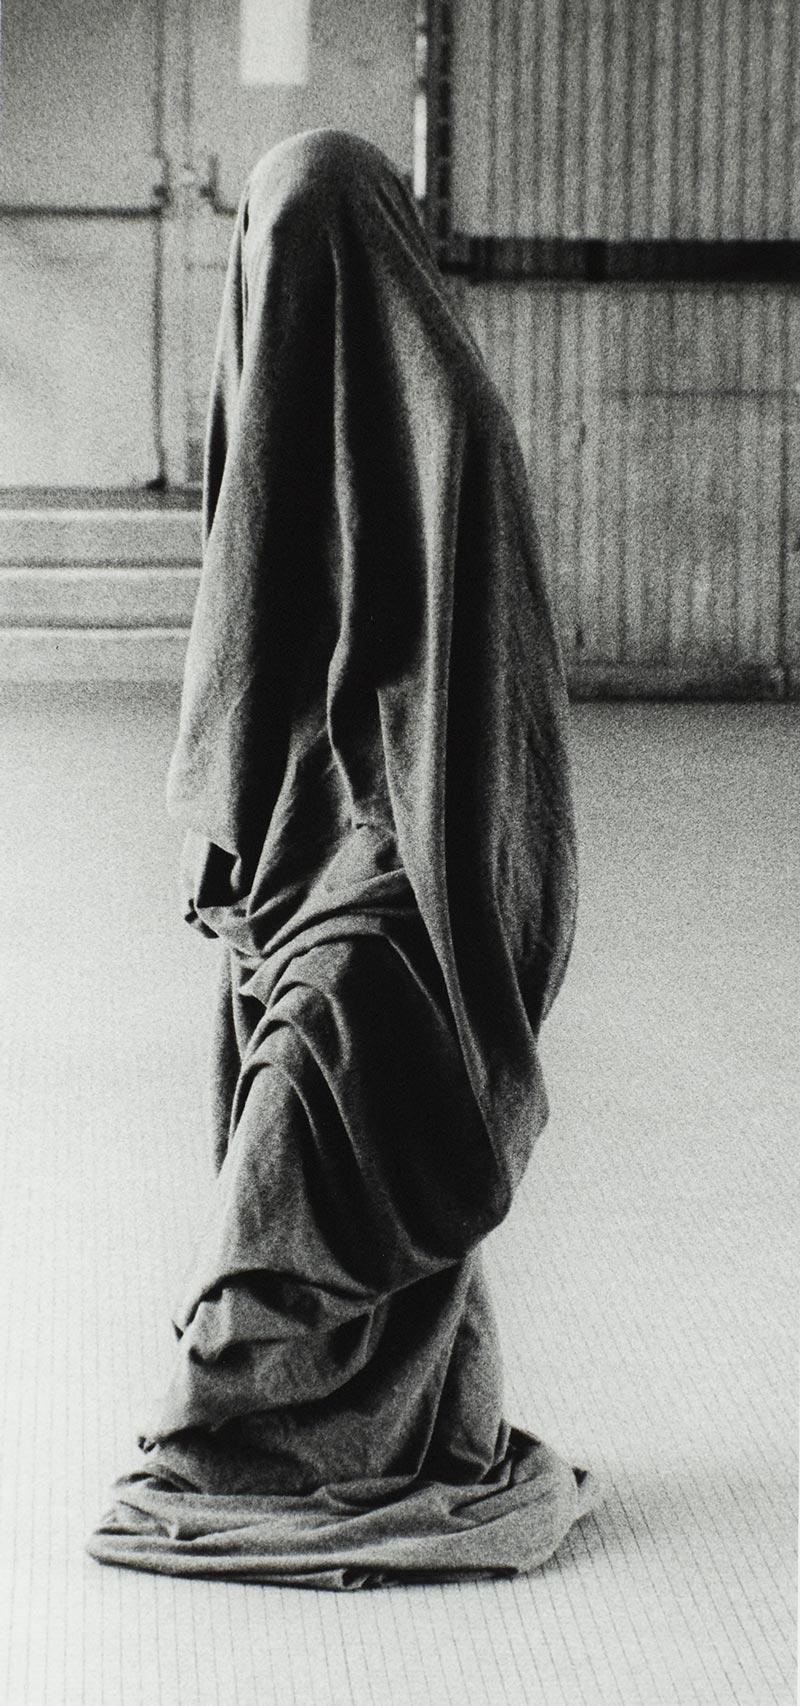 Collection photographie d'art artistique je suis un tube, collection photographies d'art artistiques noir et blanc je suis un tube, galerie série photo d'art artistique je suis un tube signée Florence boisson, artiste photographe, florence boisson photographe et modèle, photographie voile femme objet, photo noir et blanc, photographie studio intérieur, photo expression corporelle et danse, Florence Boisson photo du corps et du mouvement, photo de l'invisible de la sensibilité, photographie voile hommage à Isadora Duncan Loïse Fuller, photographies intérieur studio, Photo art moderne et contemporain Florence Boisson, Photo d'art femme statue Photos d'art contemporaines et modernes, photo art femme objet, Florence Boisson photographe artiste